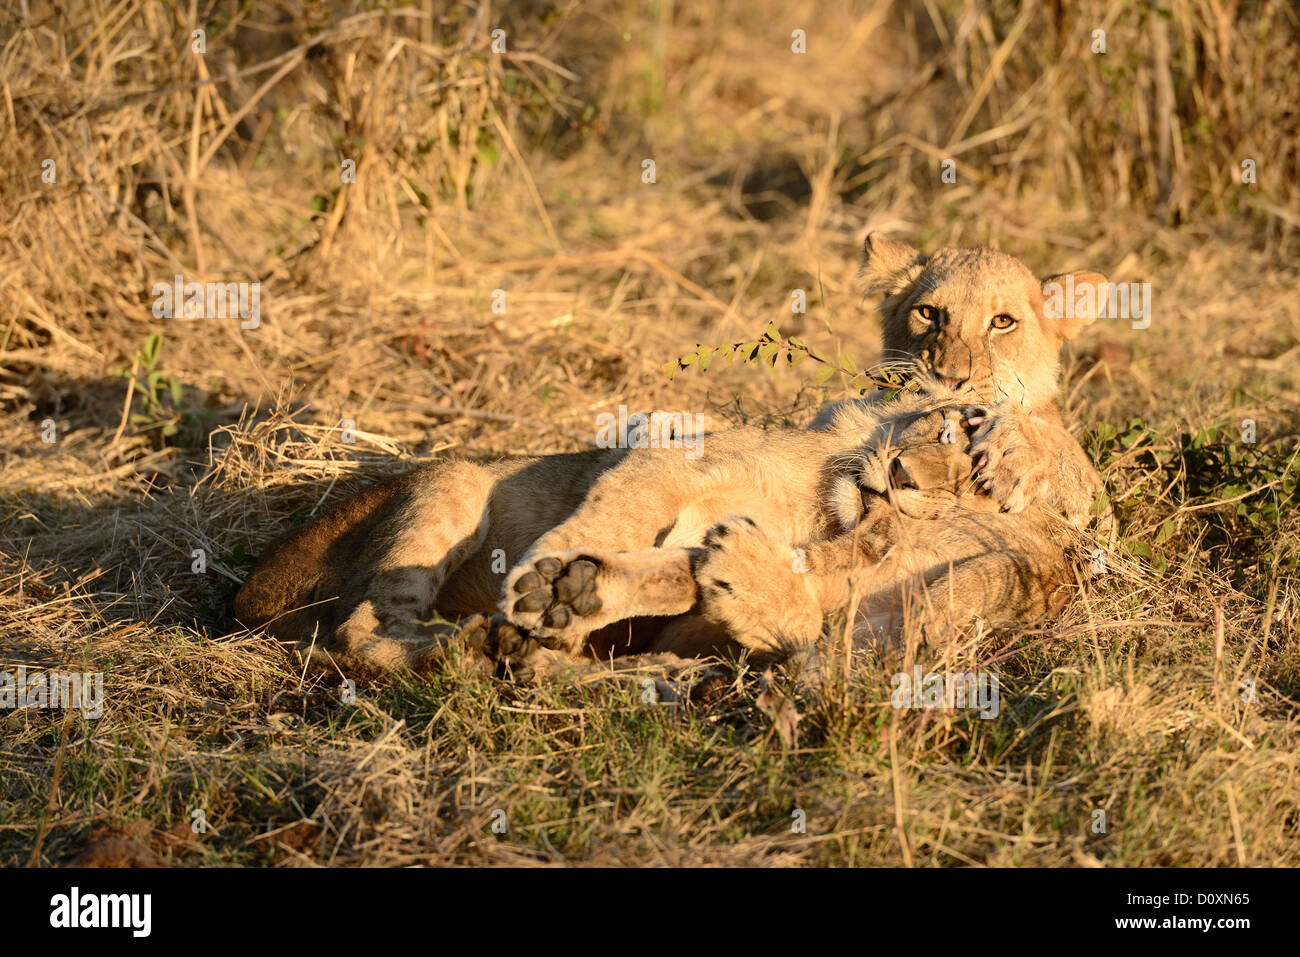 Africa Zimbabwe, leone, animale, giocare, Leo, della fauna selvatica, Safari Immagini Stock